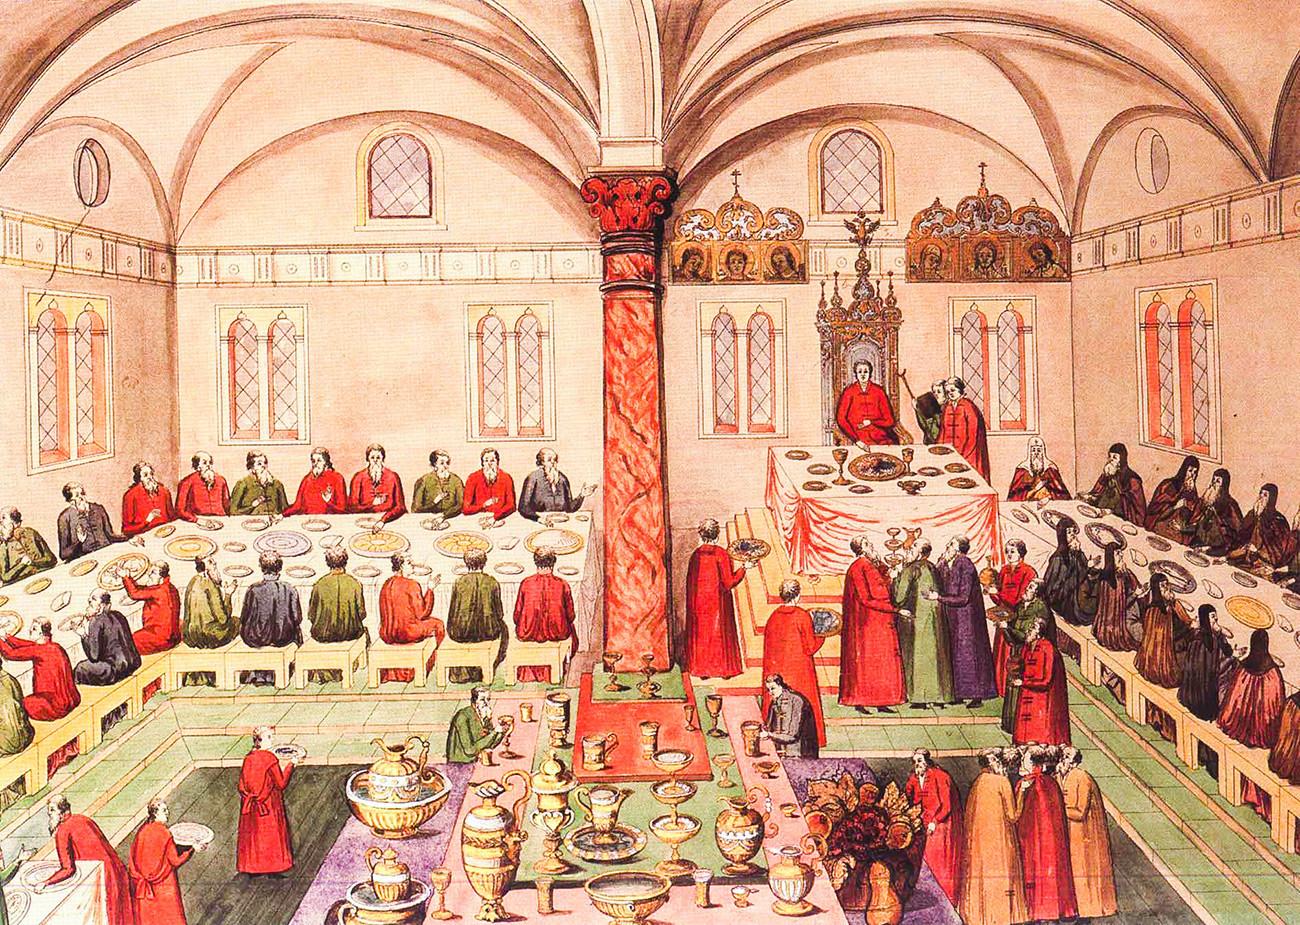 Banquete no Palácio das Facetas do Kremlin de Moscou, no século 17. A ordem de se sentar em tais banquetes era cuidadosamente elaborada para não ofender ninguém.